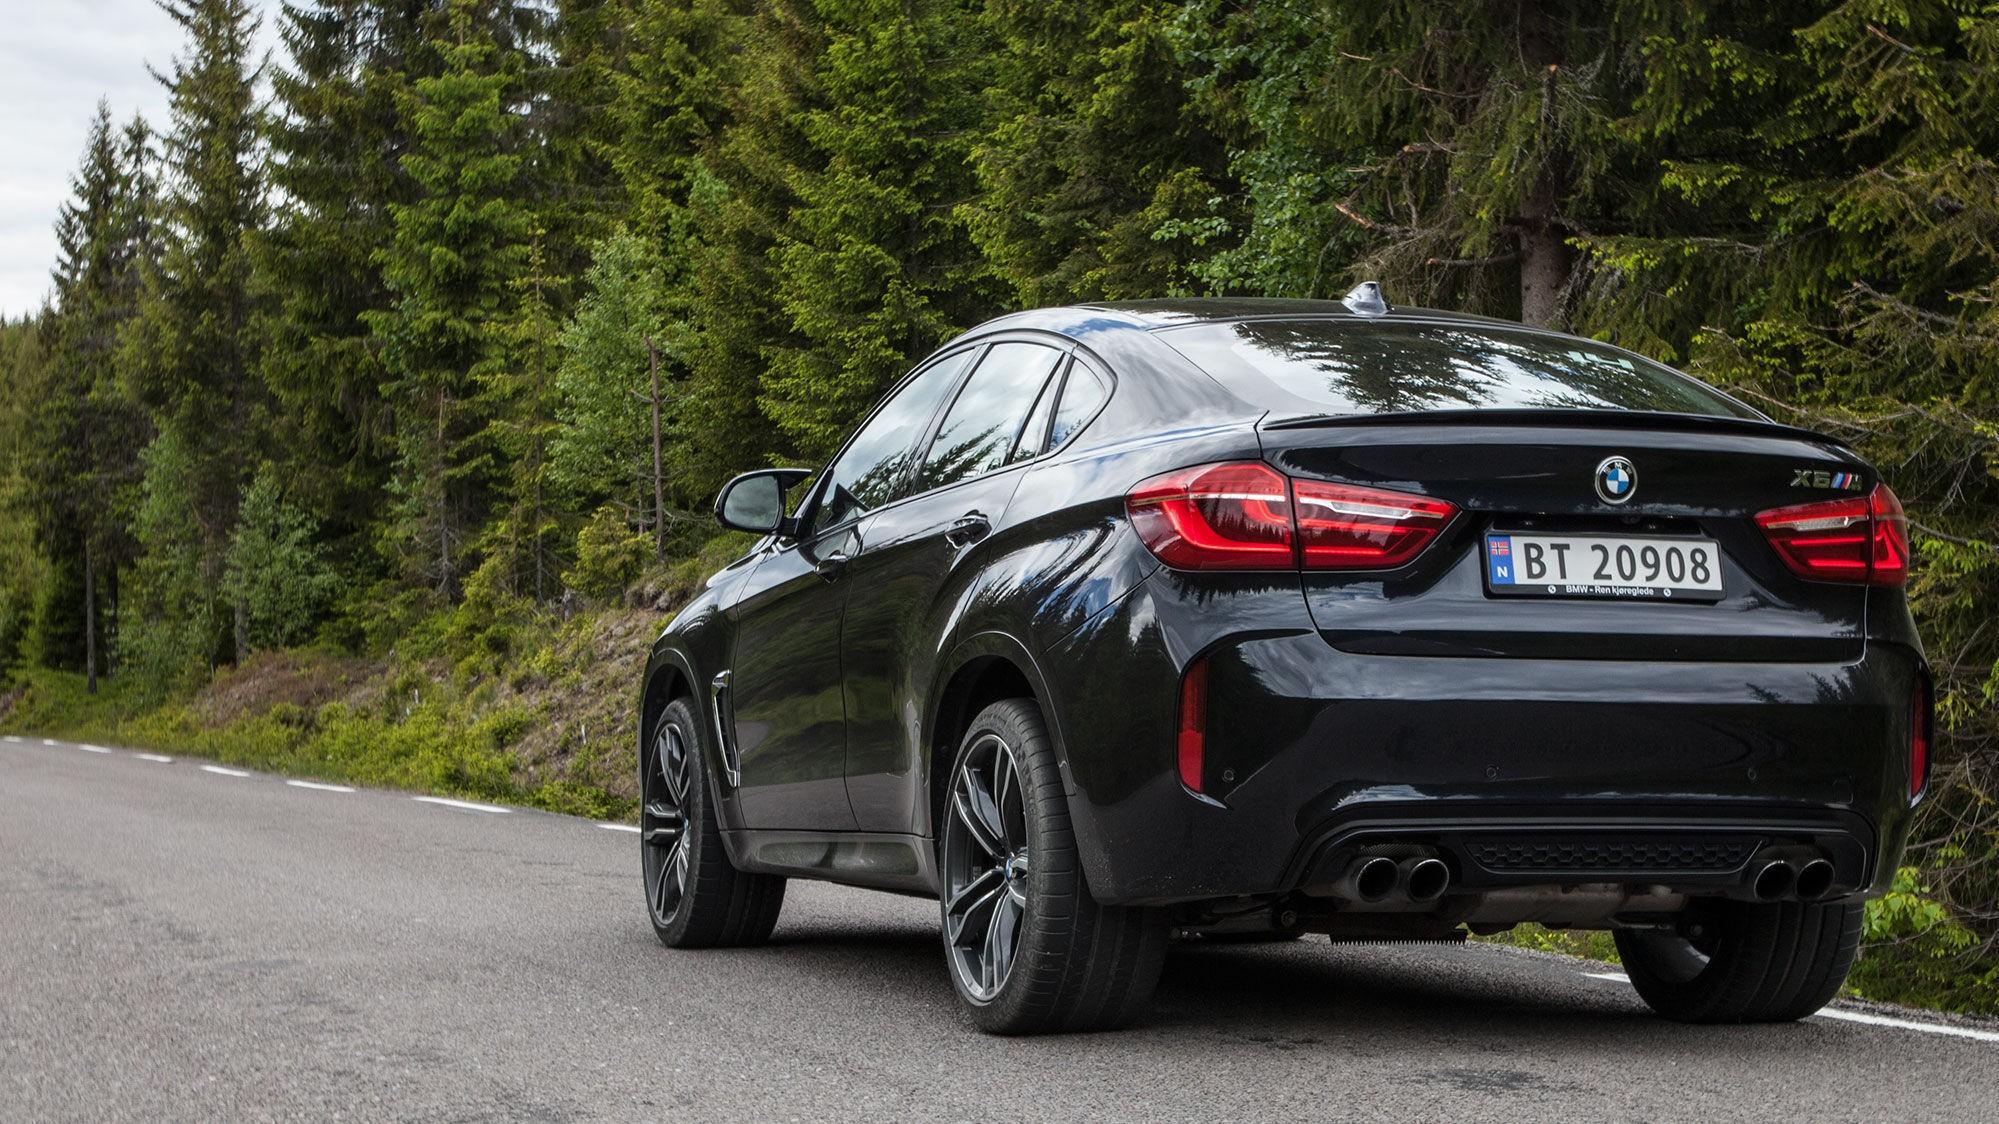 LITT AV ALT: Hvis du er ute etter en bil som er litt av alt, er X6 M bilen for deg. Den er litt coupé, litt SUV, litt praktisk og veldig, veldig rå.